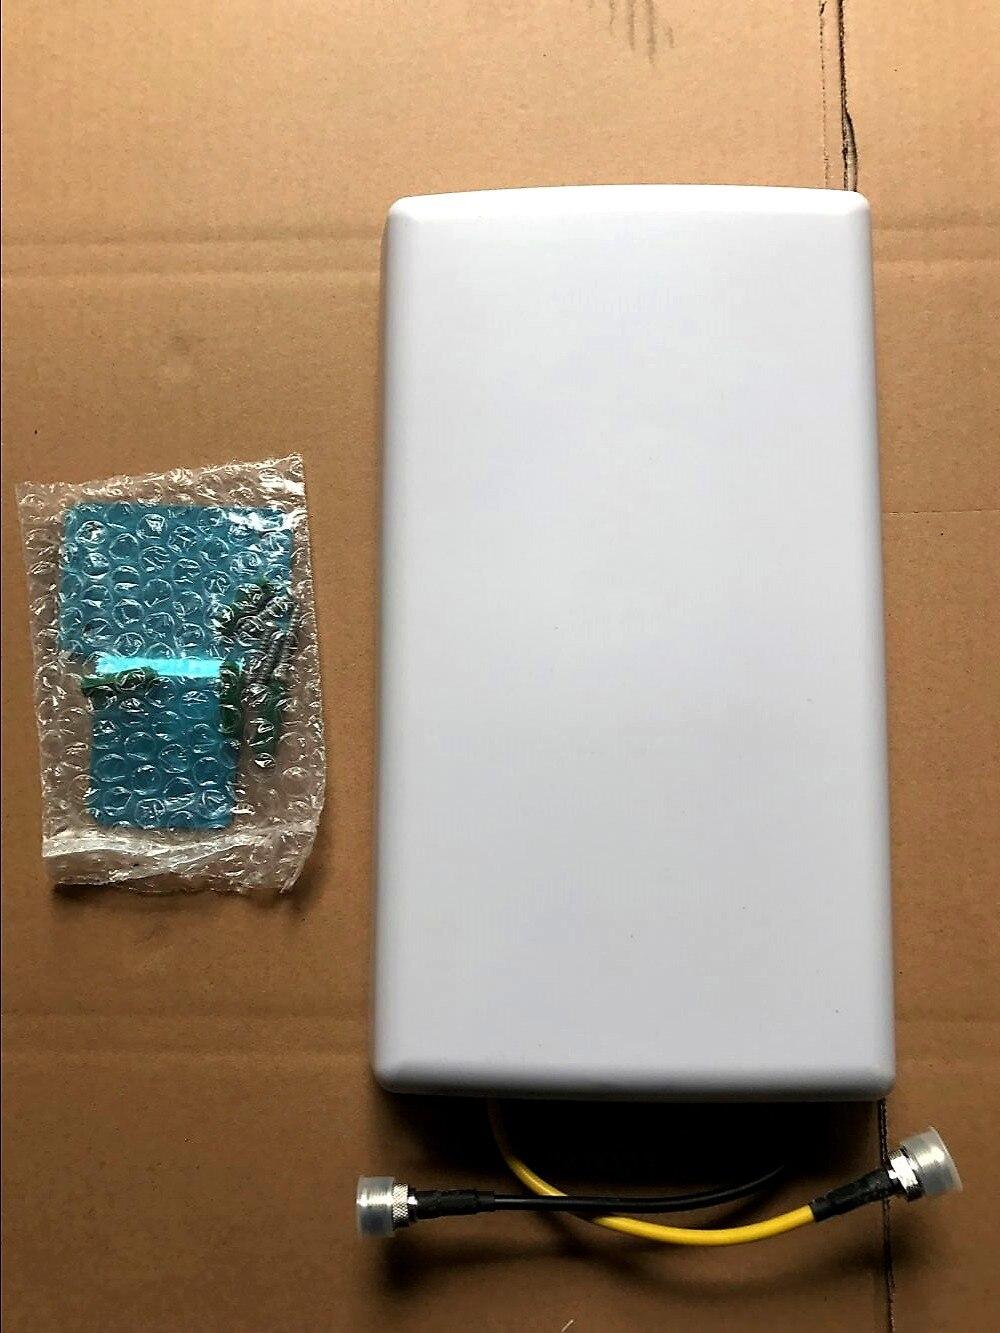 bilder für Indoor 2x2 Mimo 3G 4G Lte-panel-antenne 880-2700 MHz Breitband MIMO PANEL-ANTENNE